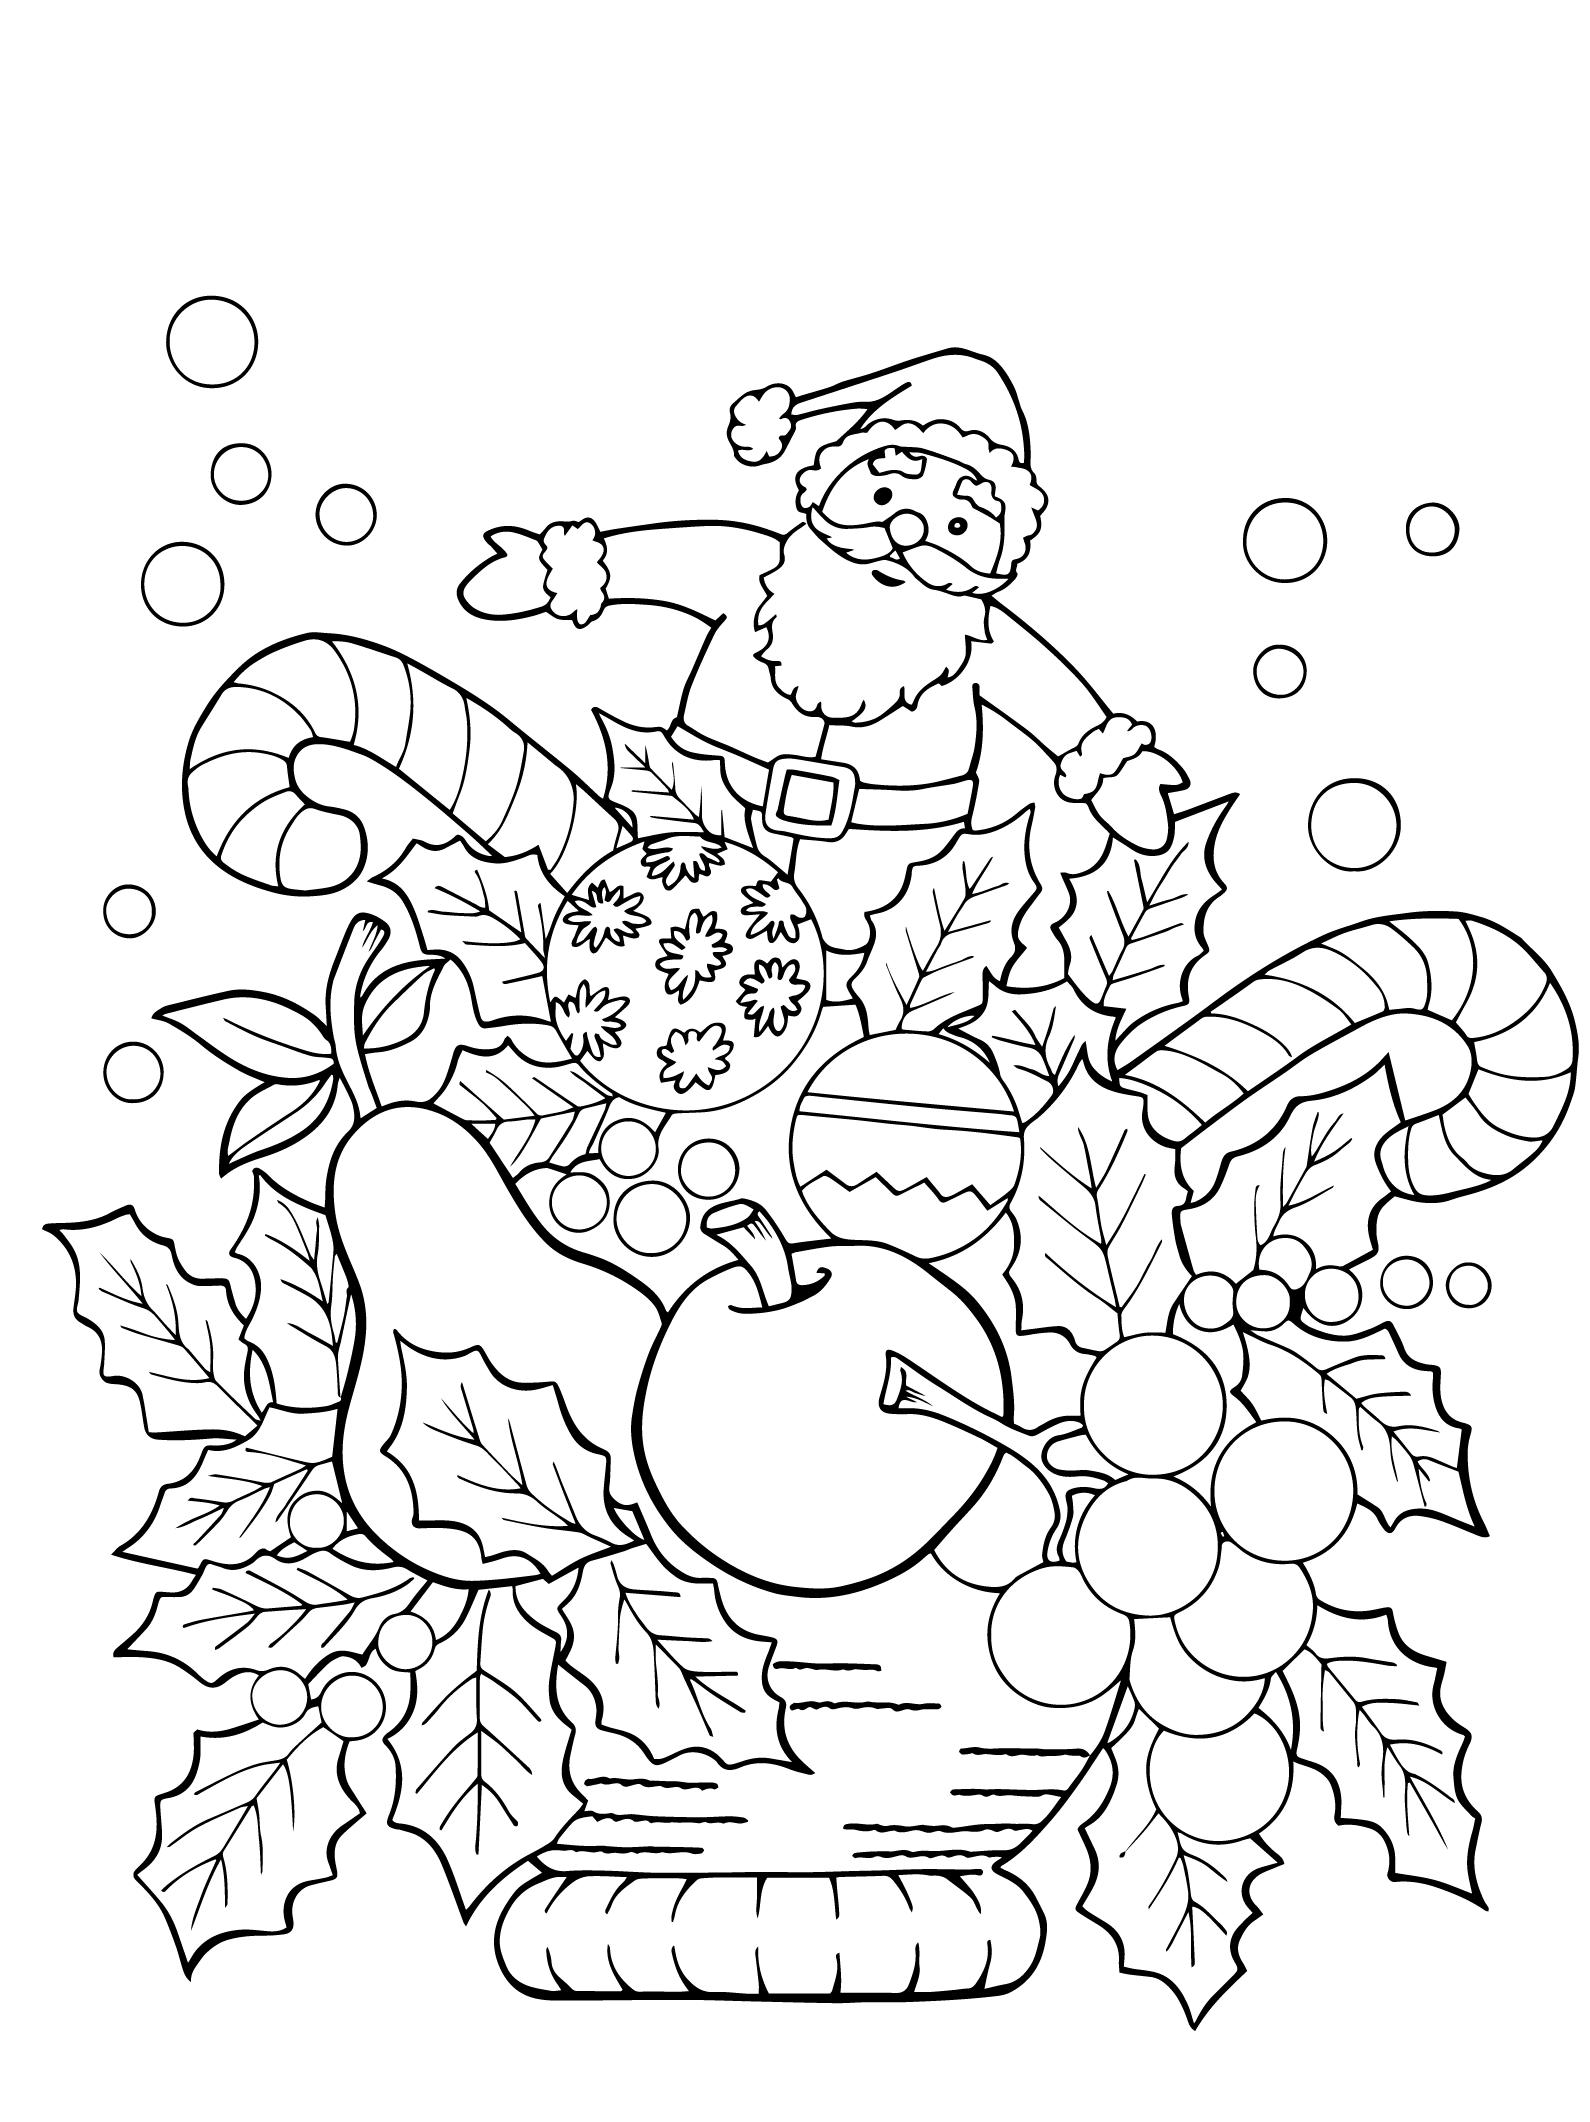 Раскраски антистресс «Новогодняя композиция», чтобы распечатать и раскрасить онлайн